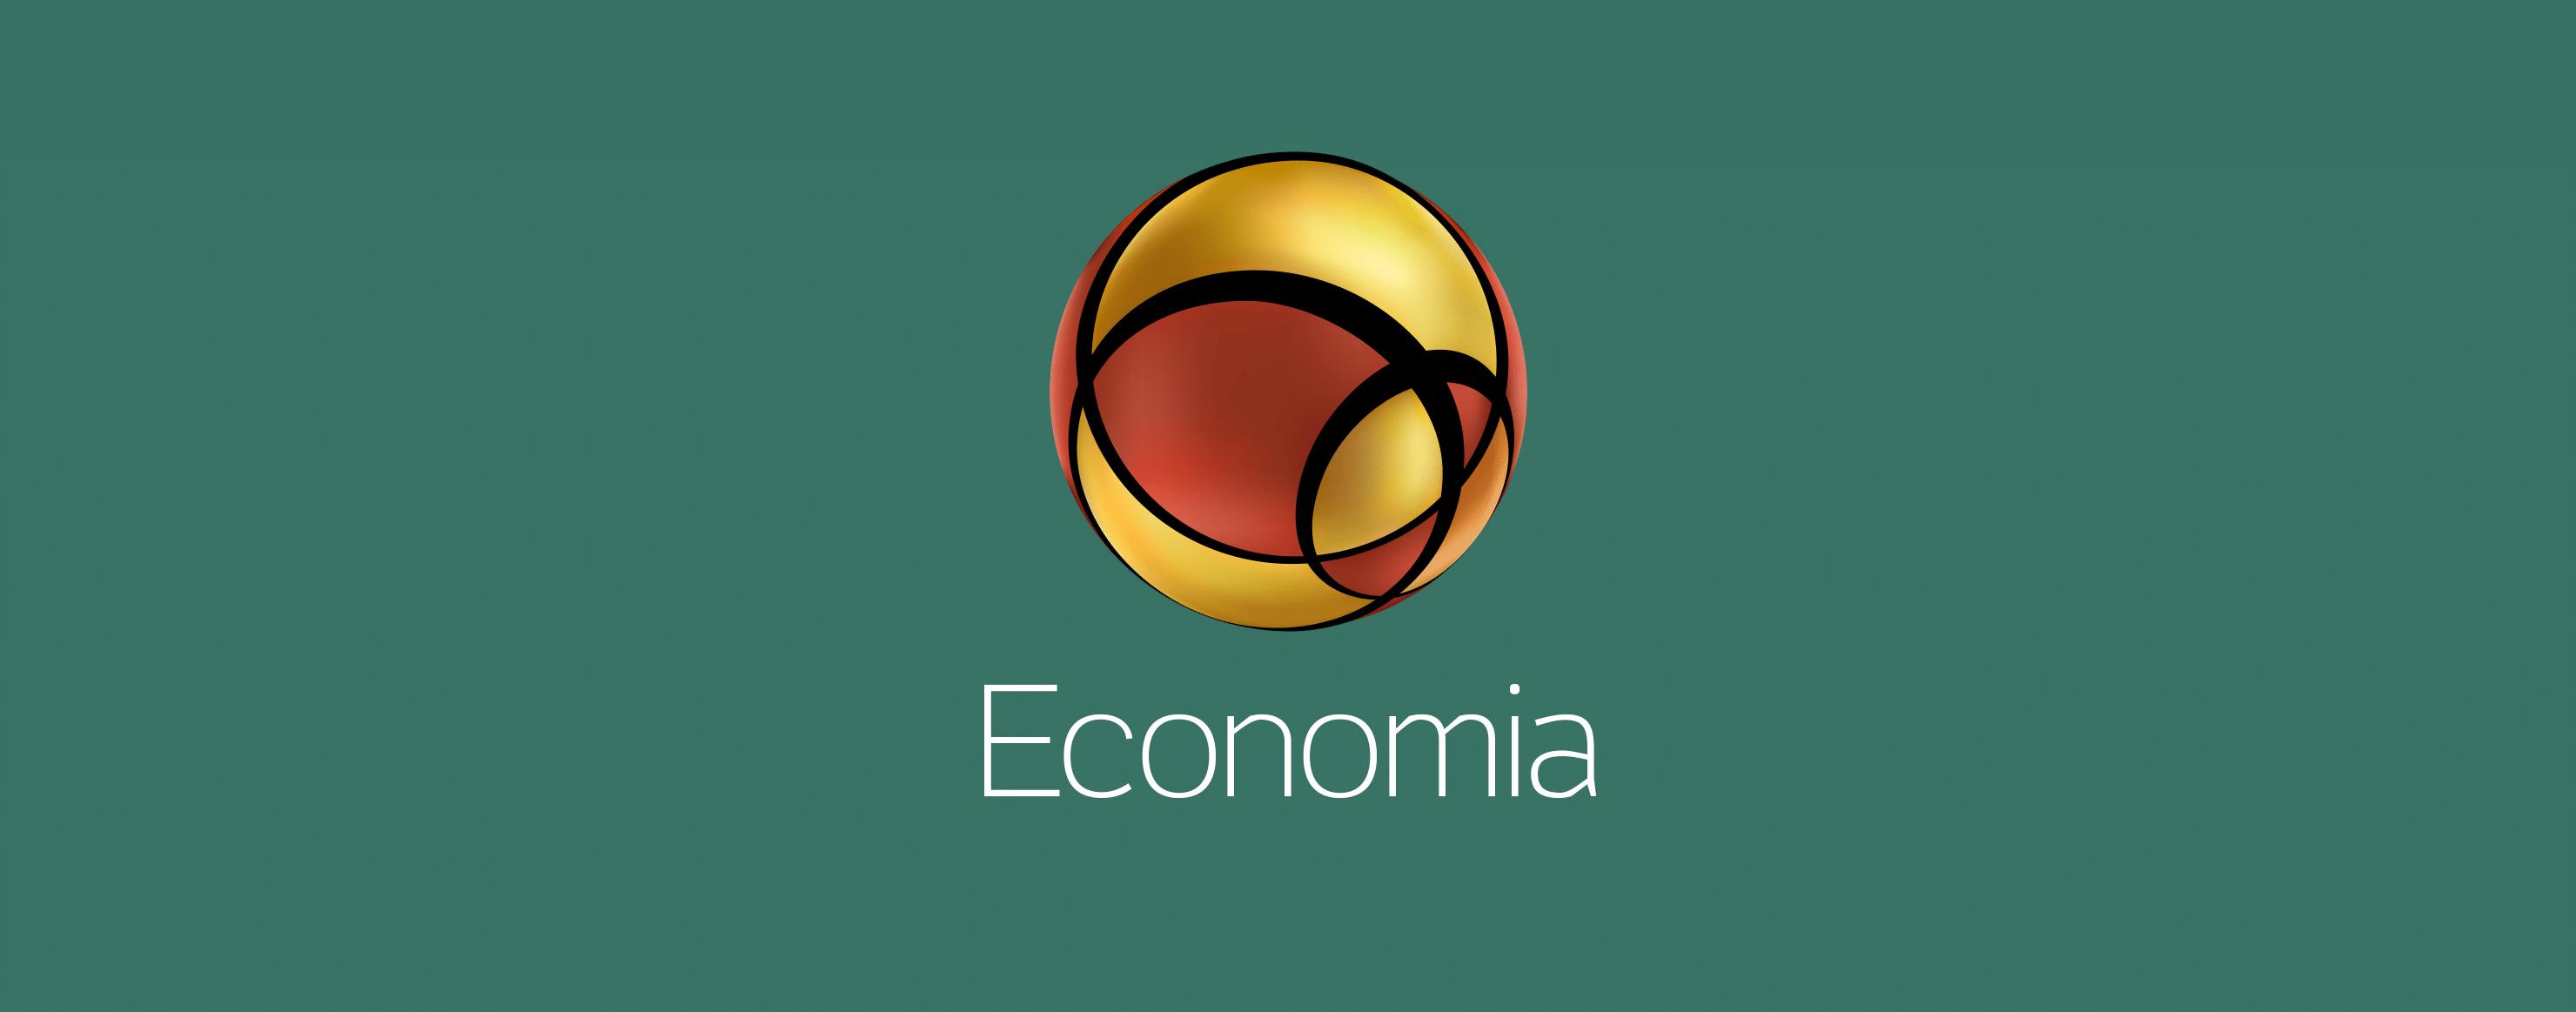 10 coisas que você precisa saber ao alugar um imóvel - 12 07 2013 - UOL  Economia 87f527c263fe0